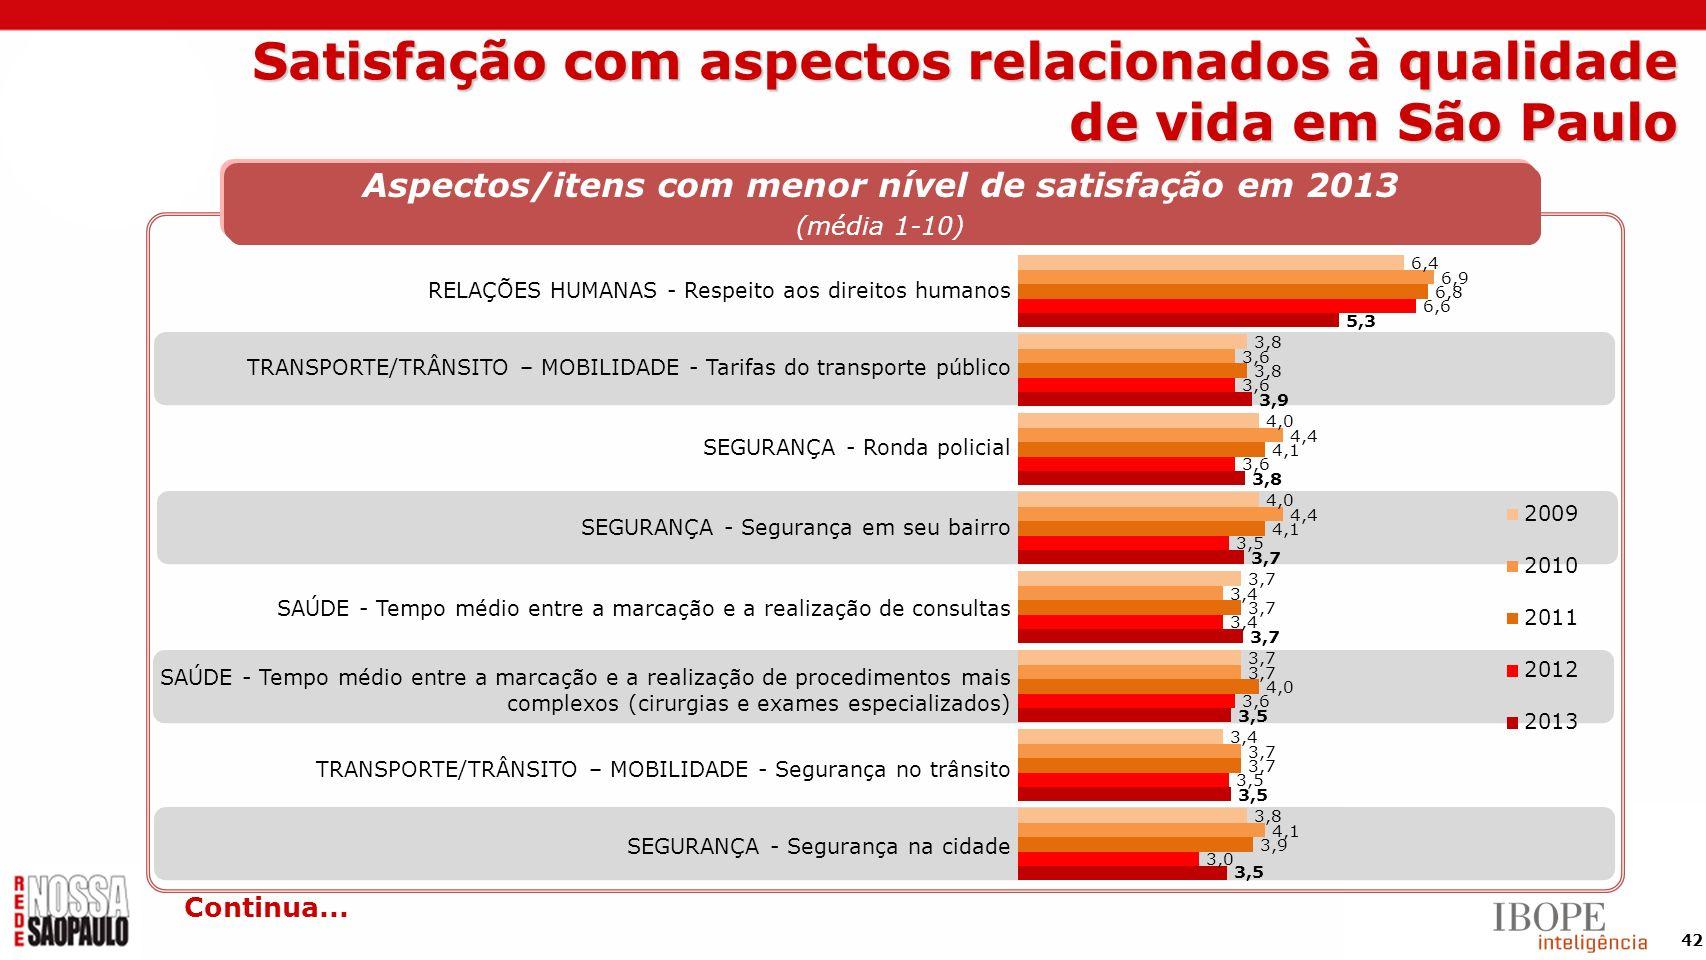 Satisfação com aspectos relacionados à qualidade de vida em São Paulo